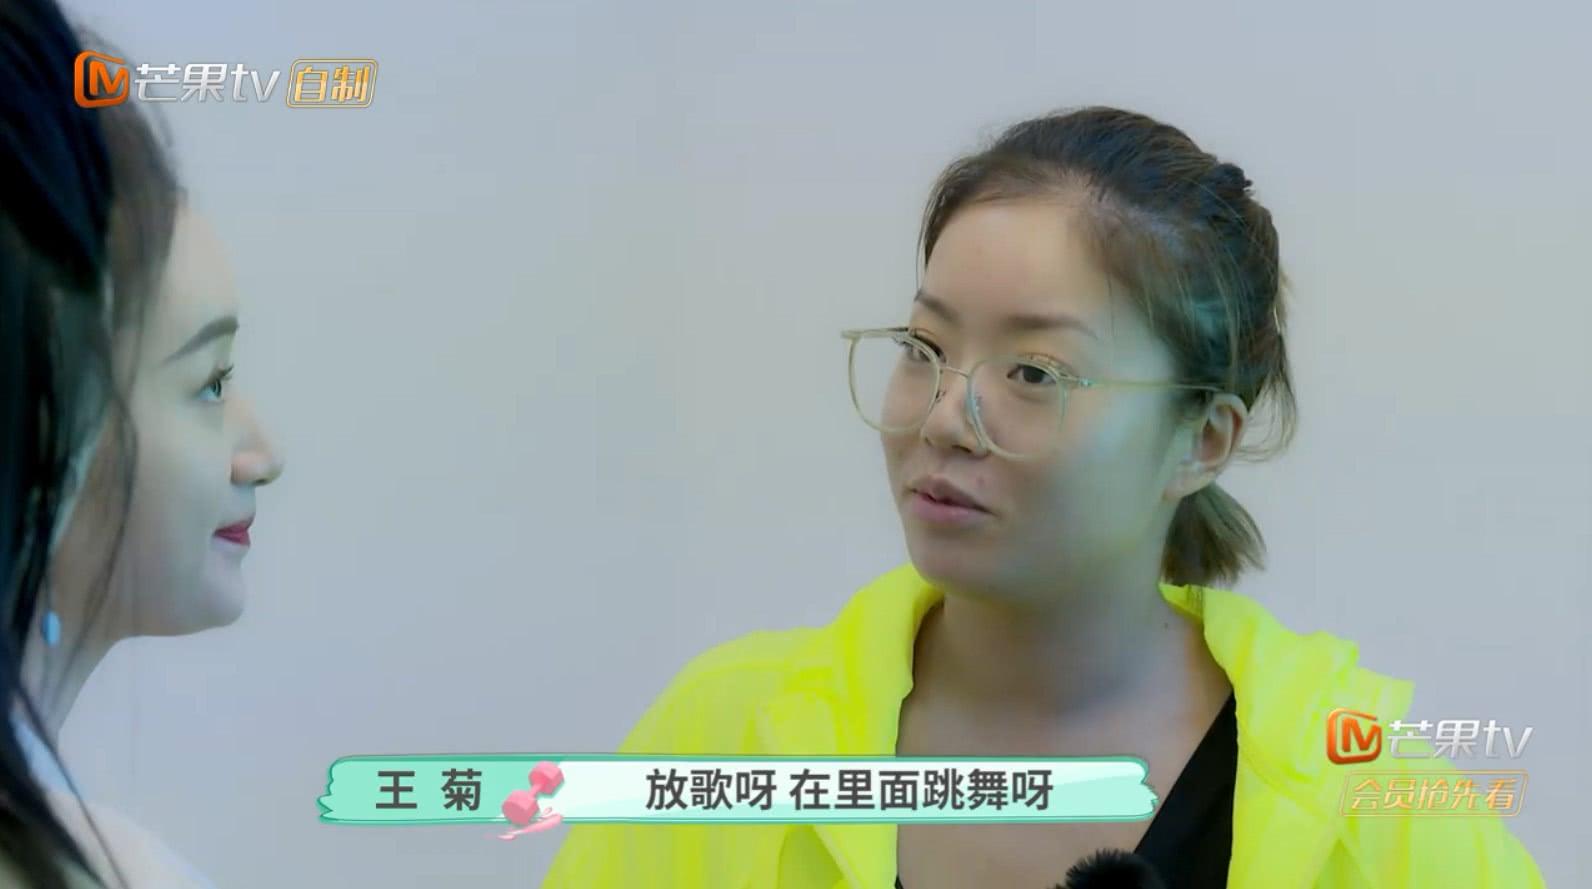 王菊大方展示美黑过程,看到她美黑之后的效果,闺蜜都看愣了!